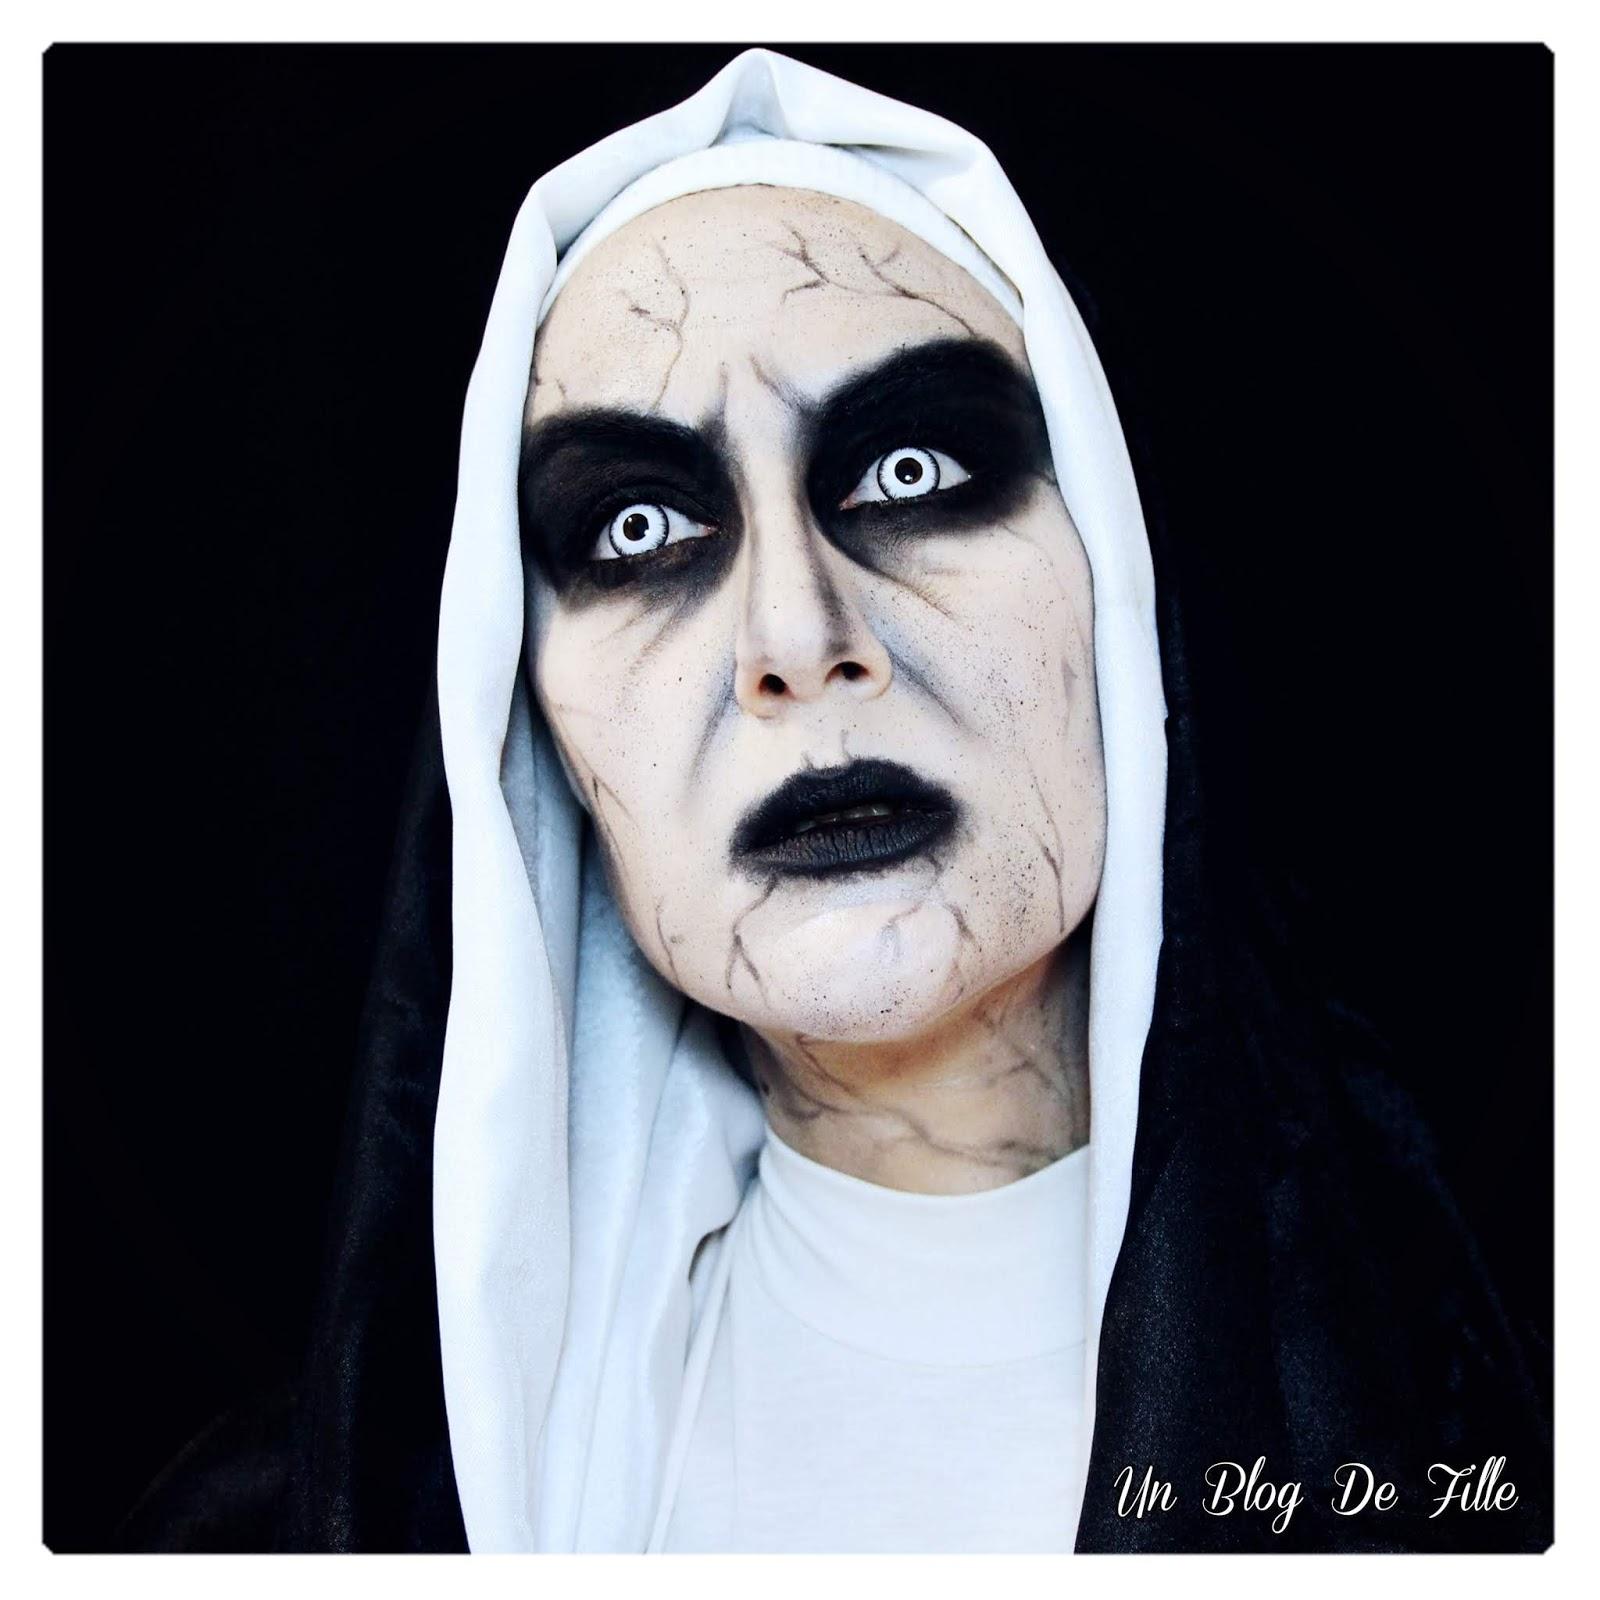 http://www.unblogdefille.fr/2019/10/maquillage-halloween-valak-la-nonne-de.html